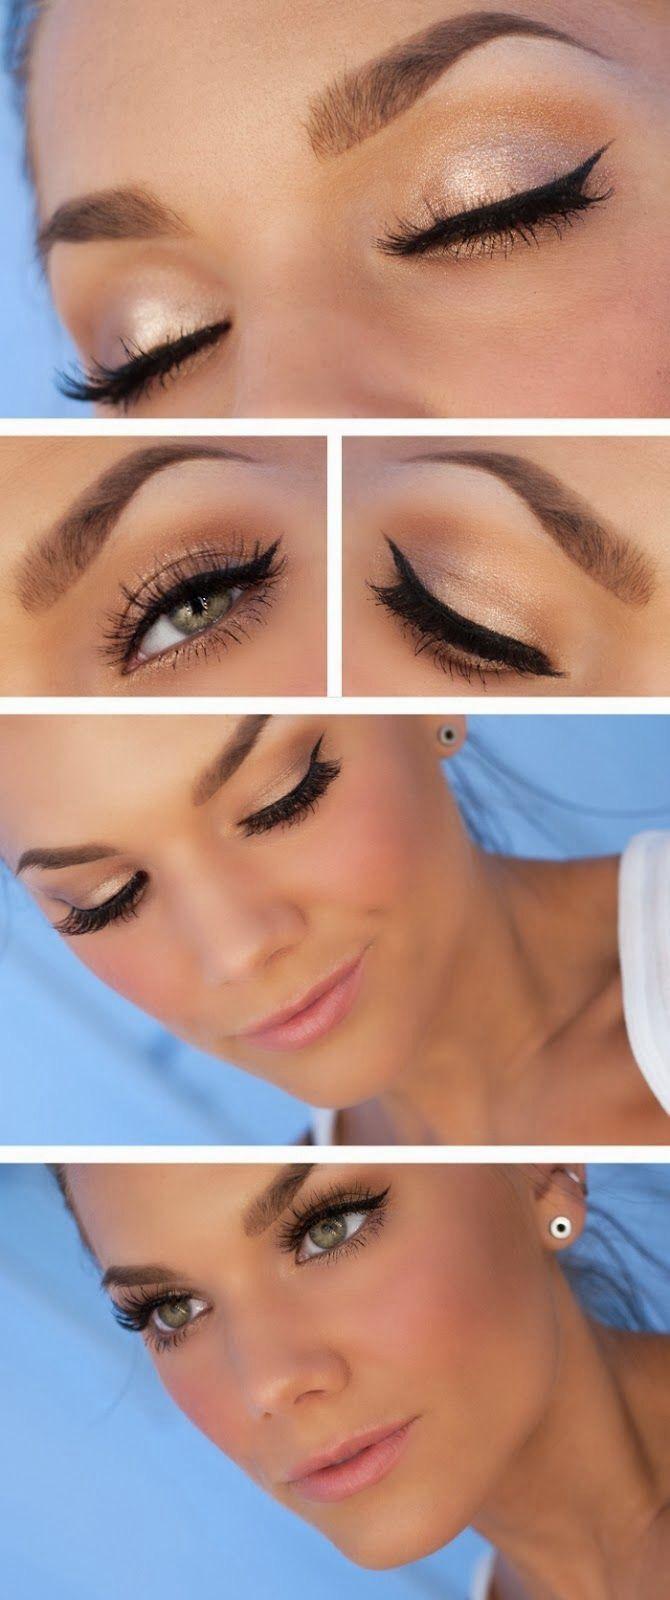 #weddingday #makeup ideas #eyes